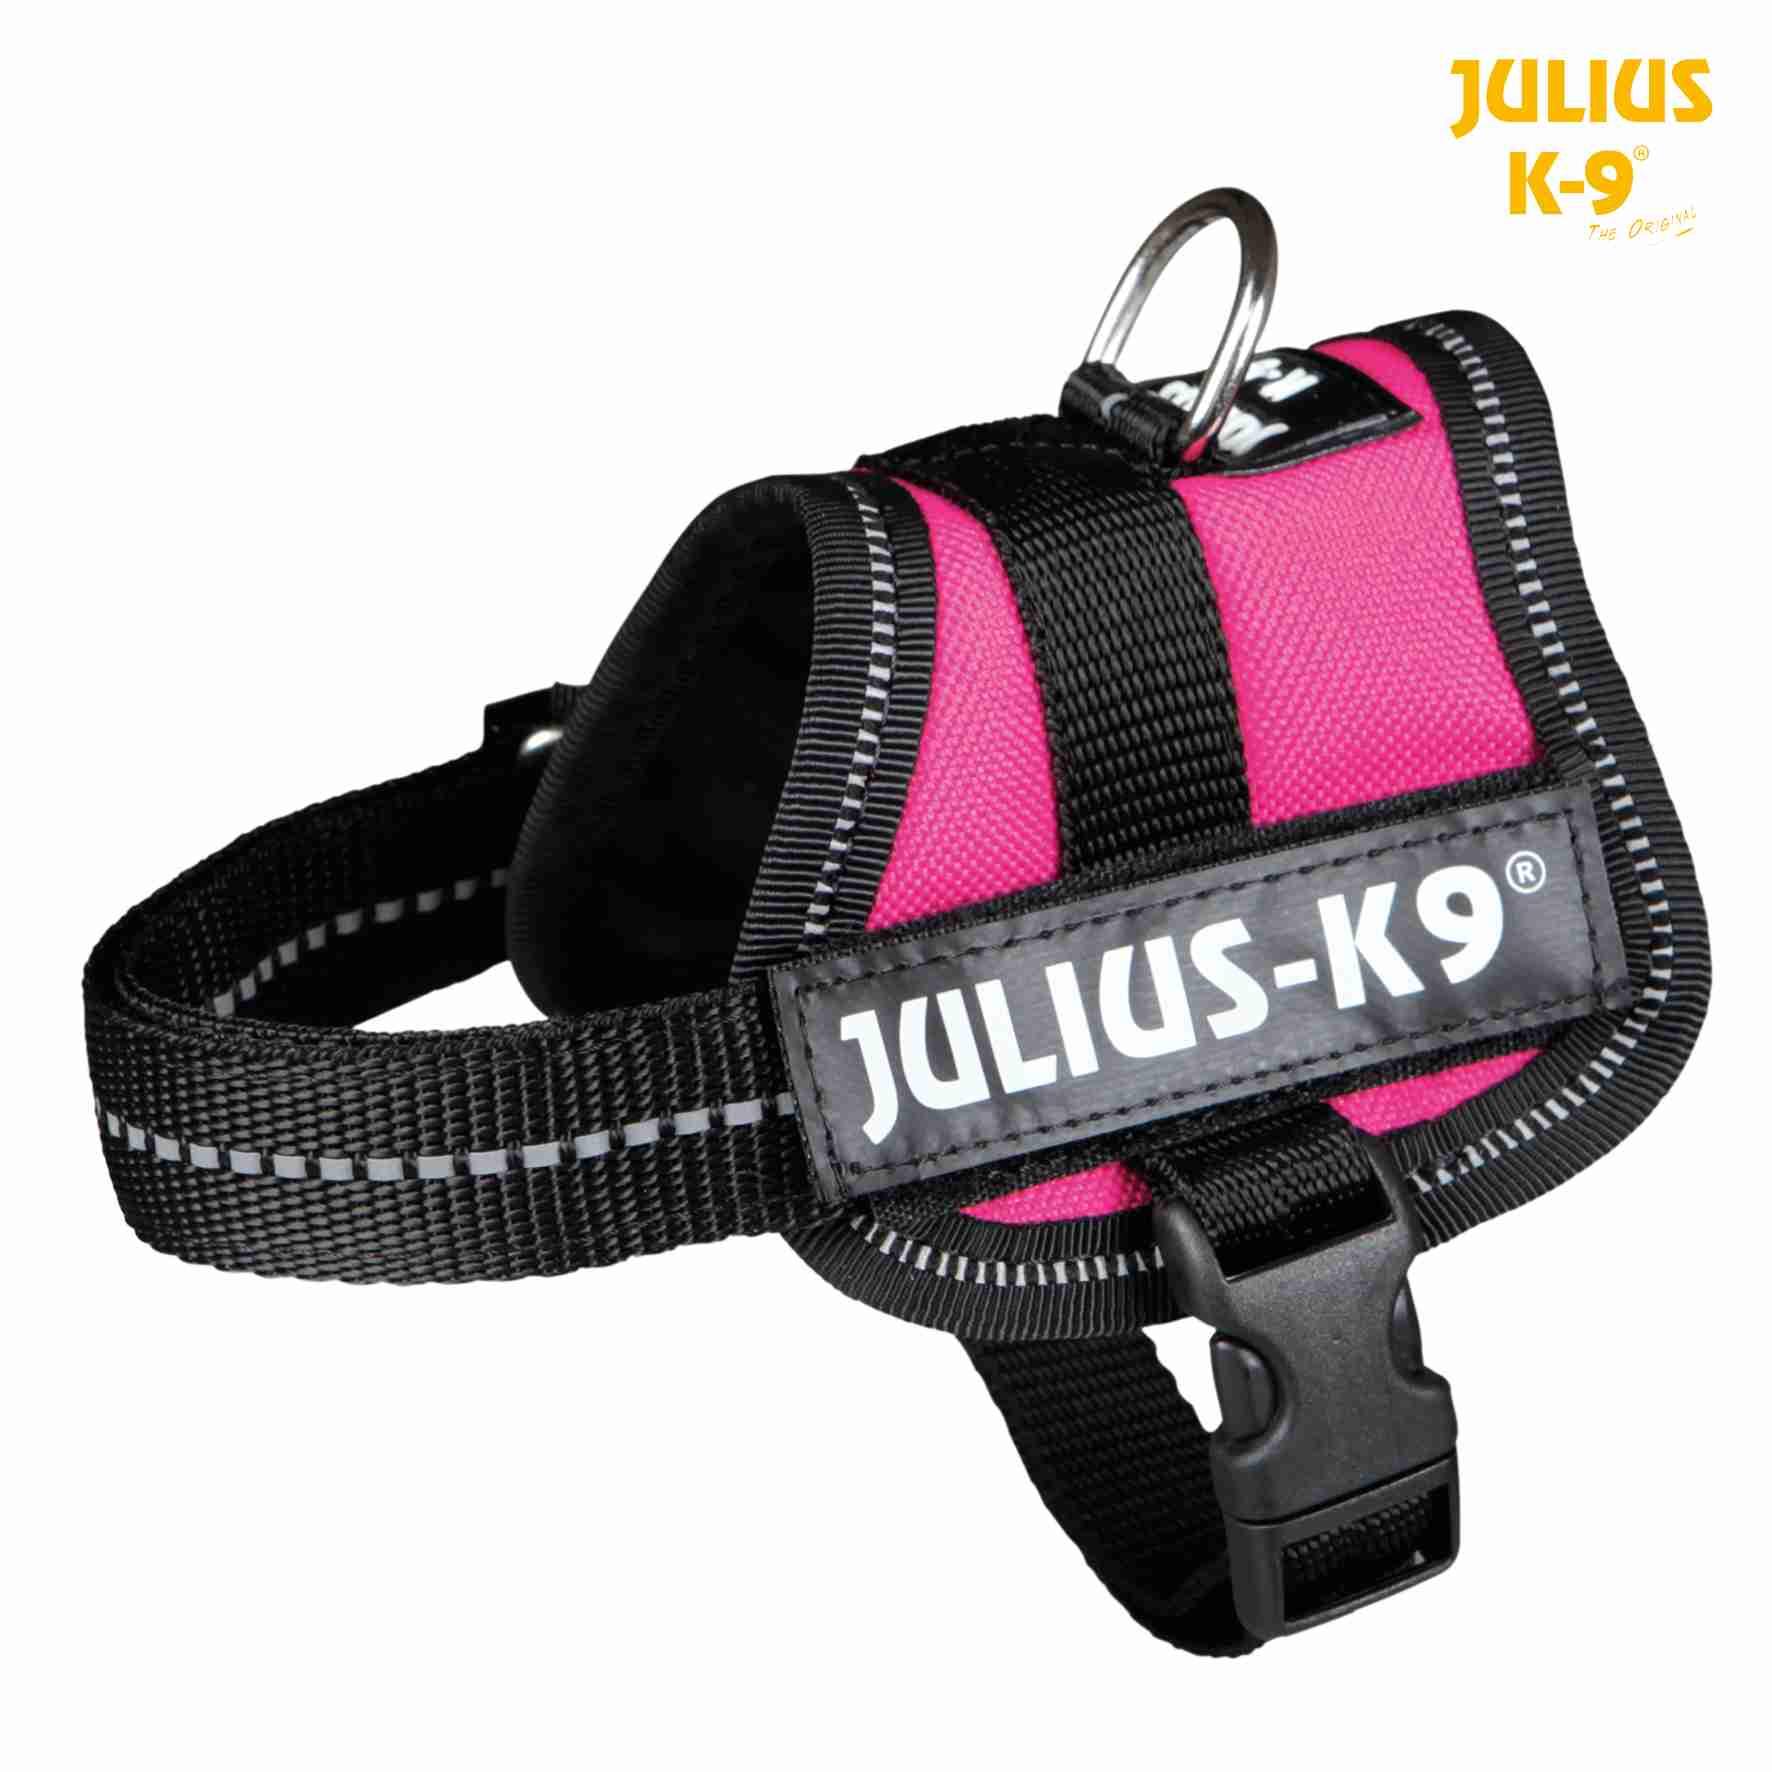 TRIXIE Julius-K9® Powergeschirr Baby 1 TRIXIE Julius-K9® Powergeschirr®, 3XS/Baby 1: 26–36 cm/18 mm, fuchsia